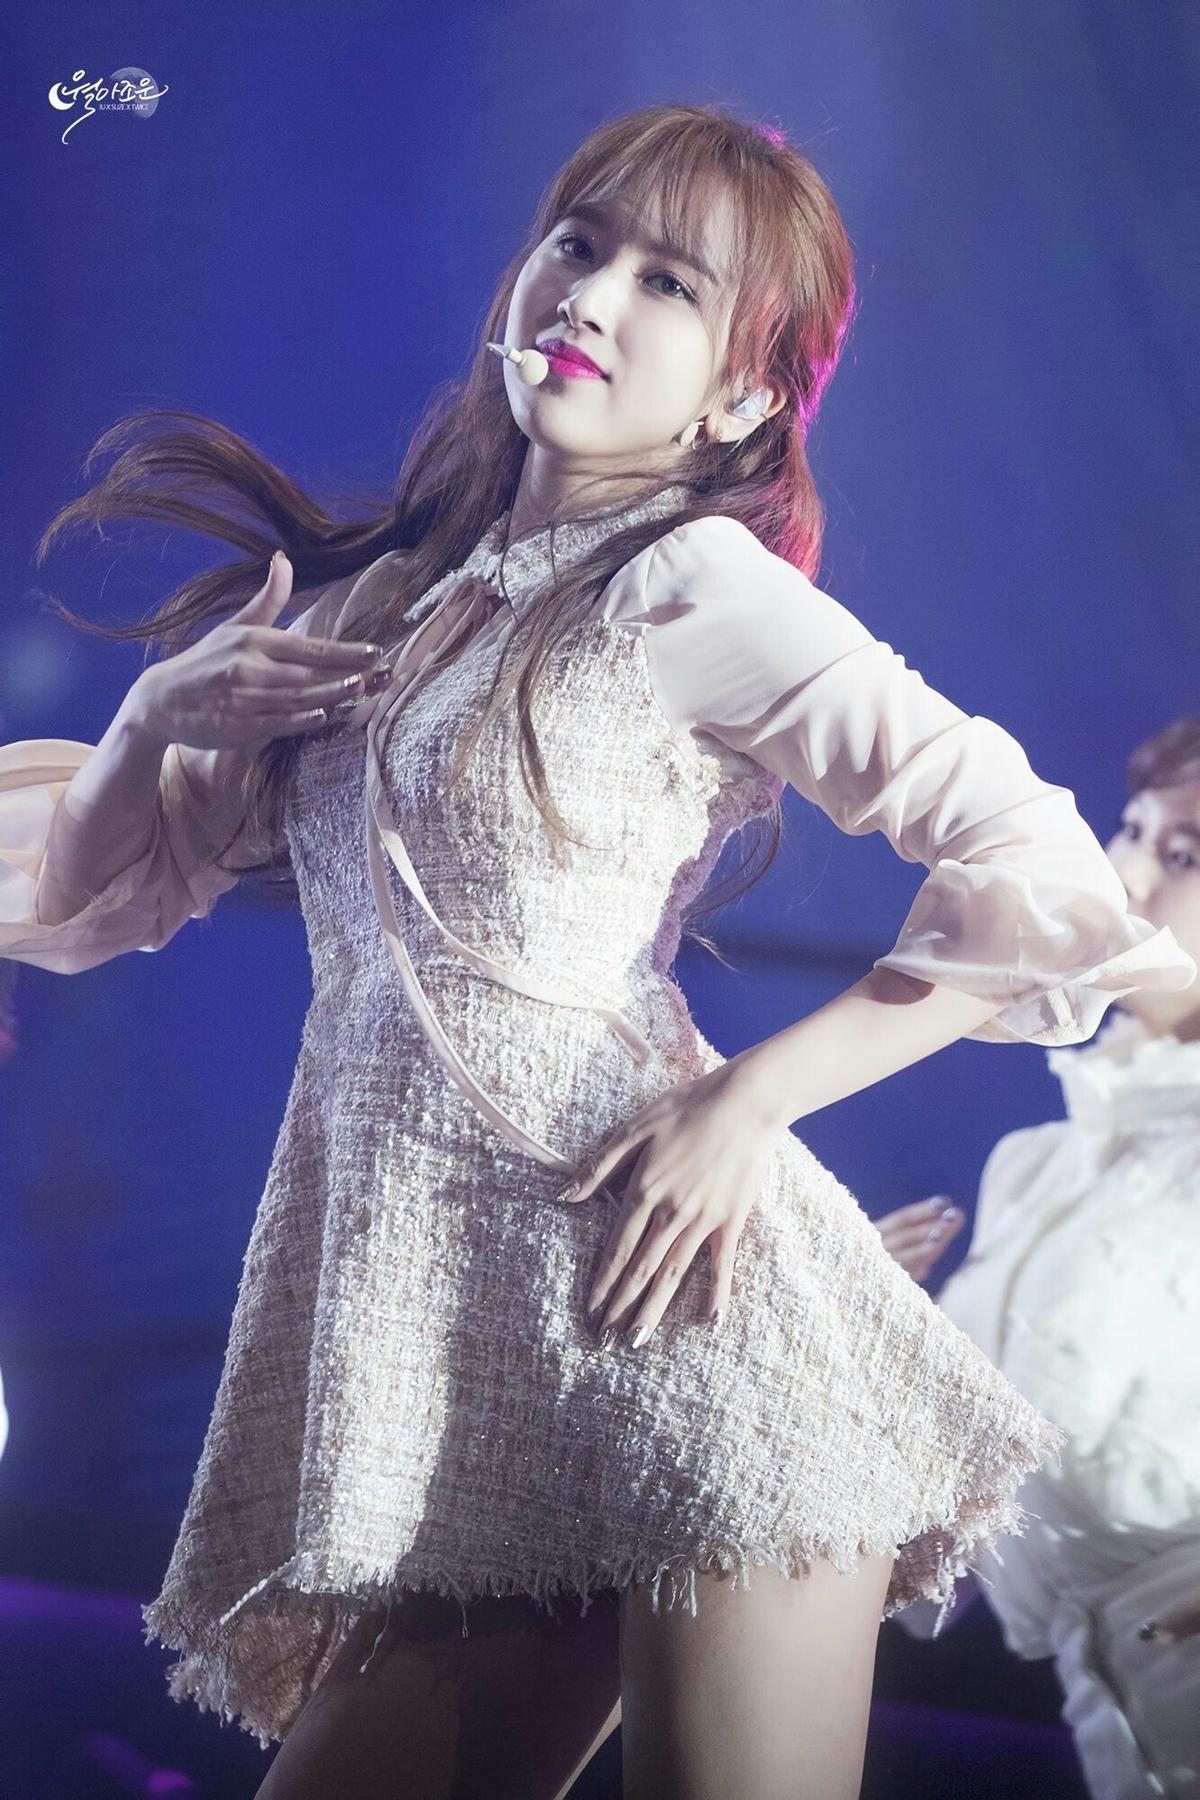 Những bức ảnh chất lượng cao huyền thoại của Mina (Twice) - 14